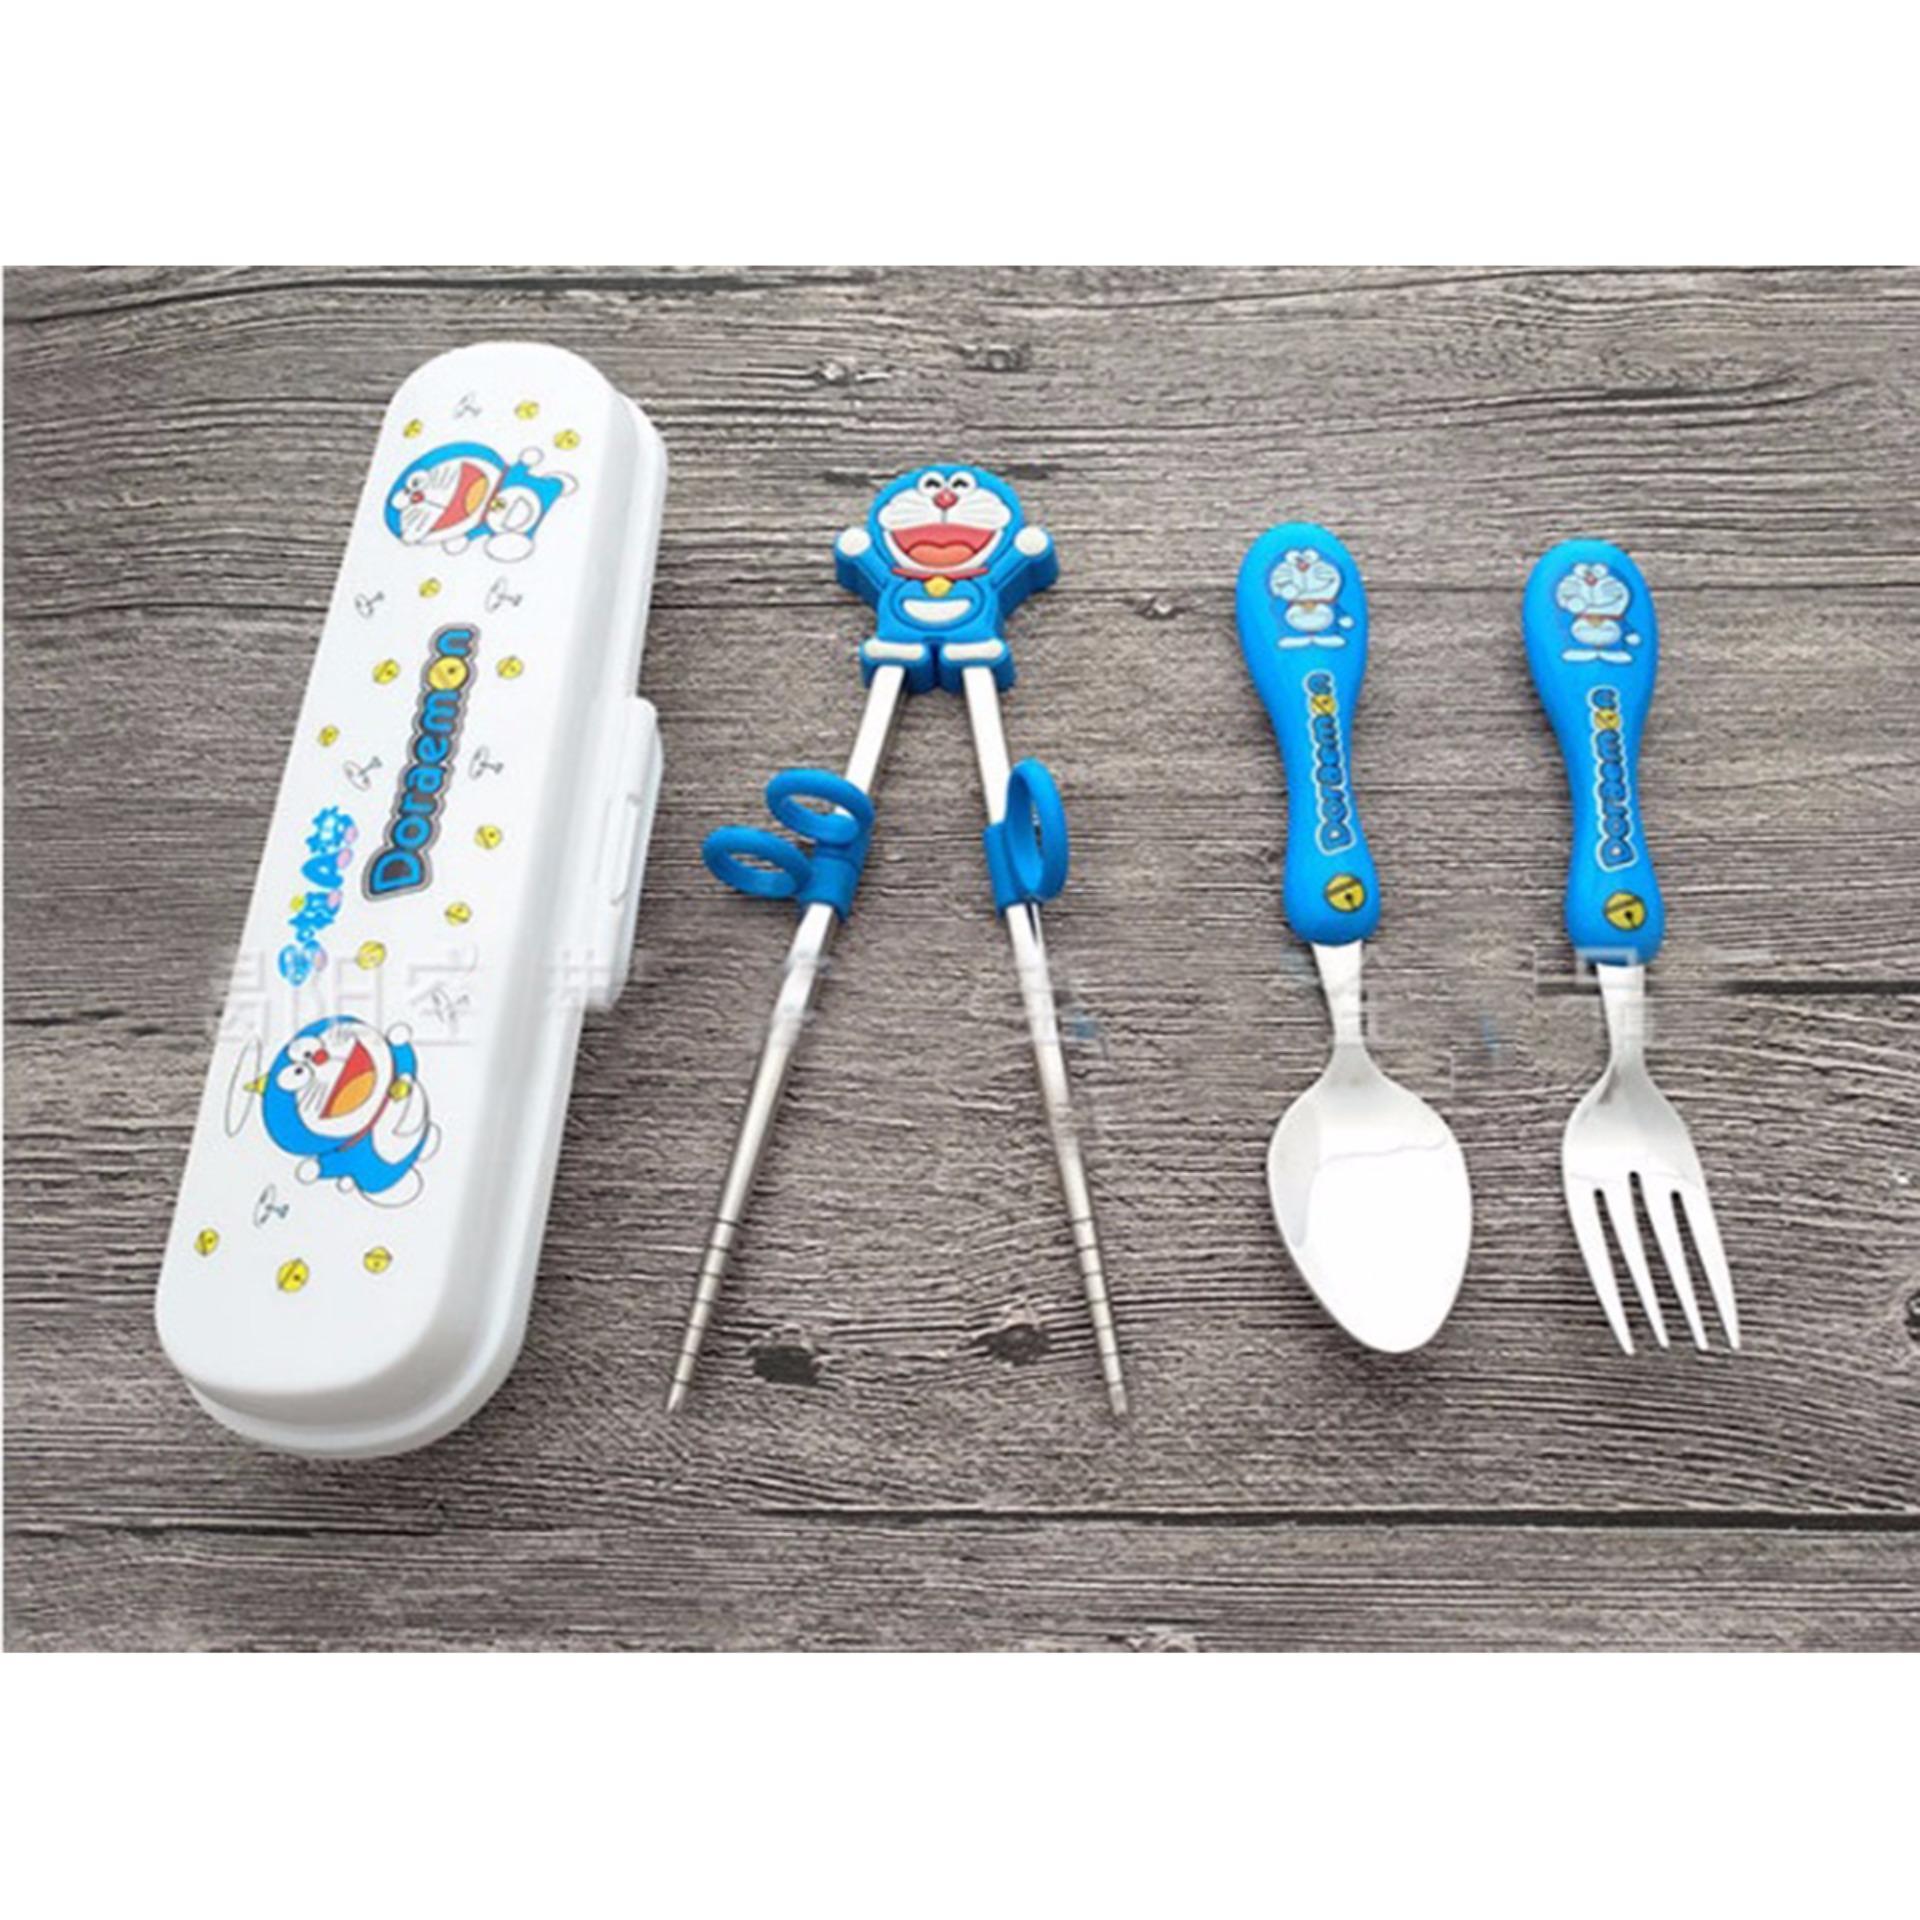 Bộ dĩa đũa muỗng tiện dụng cho bé yêu hình Doraemon